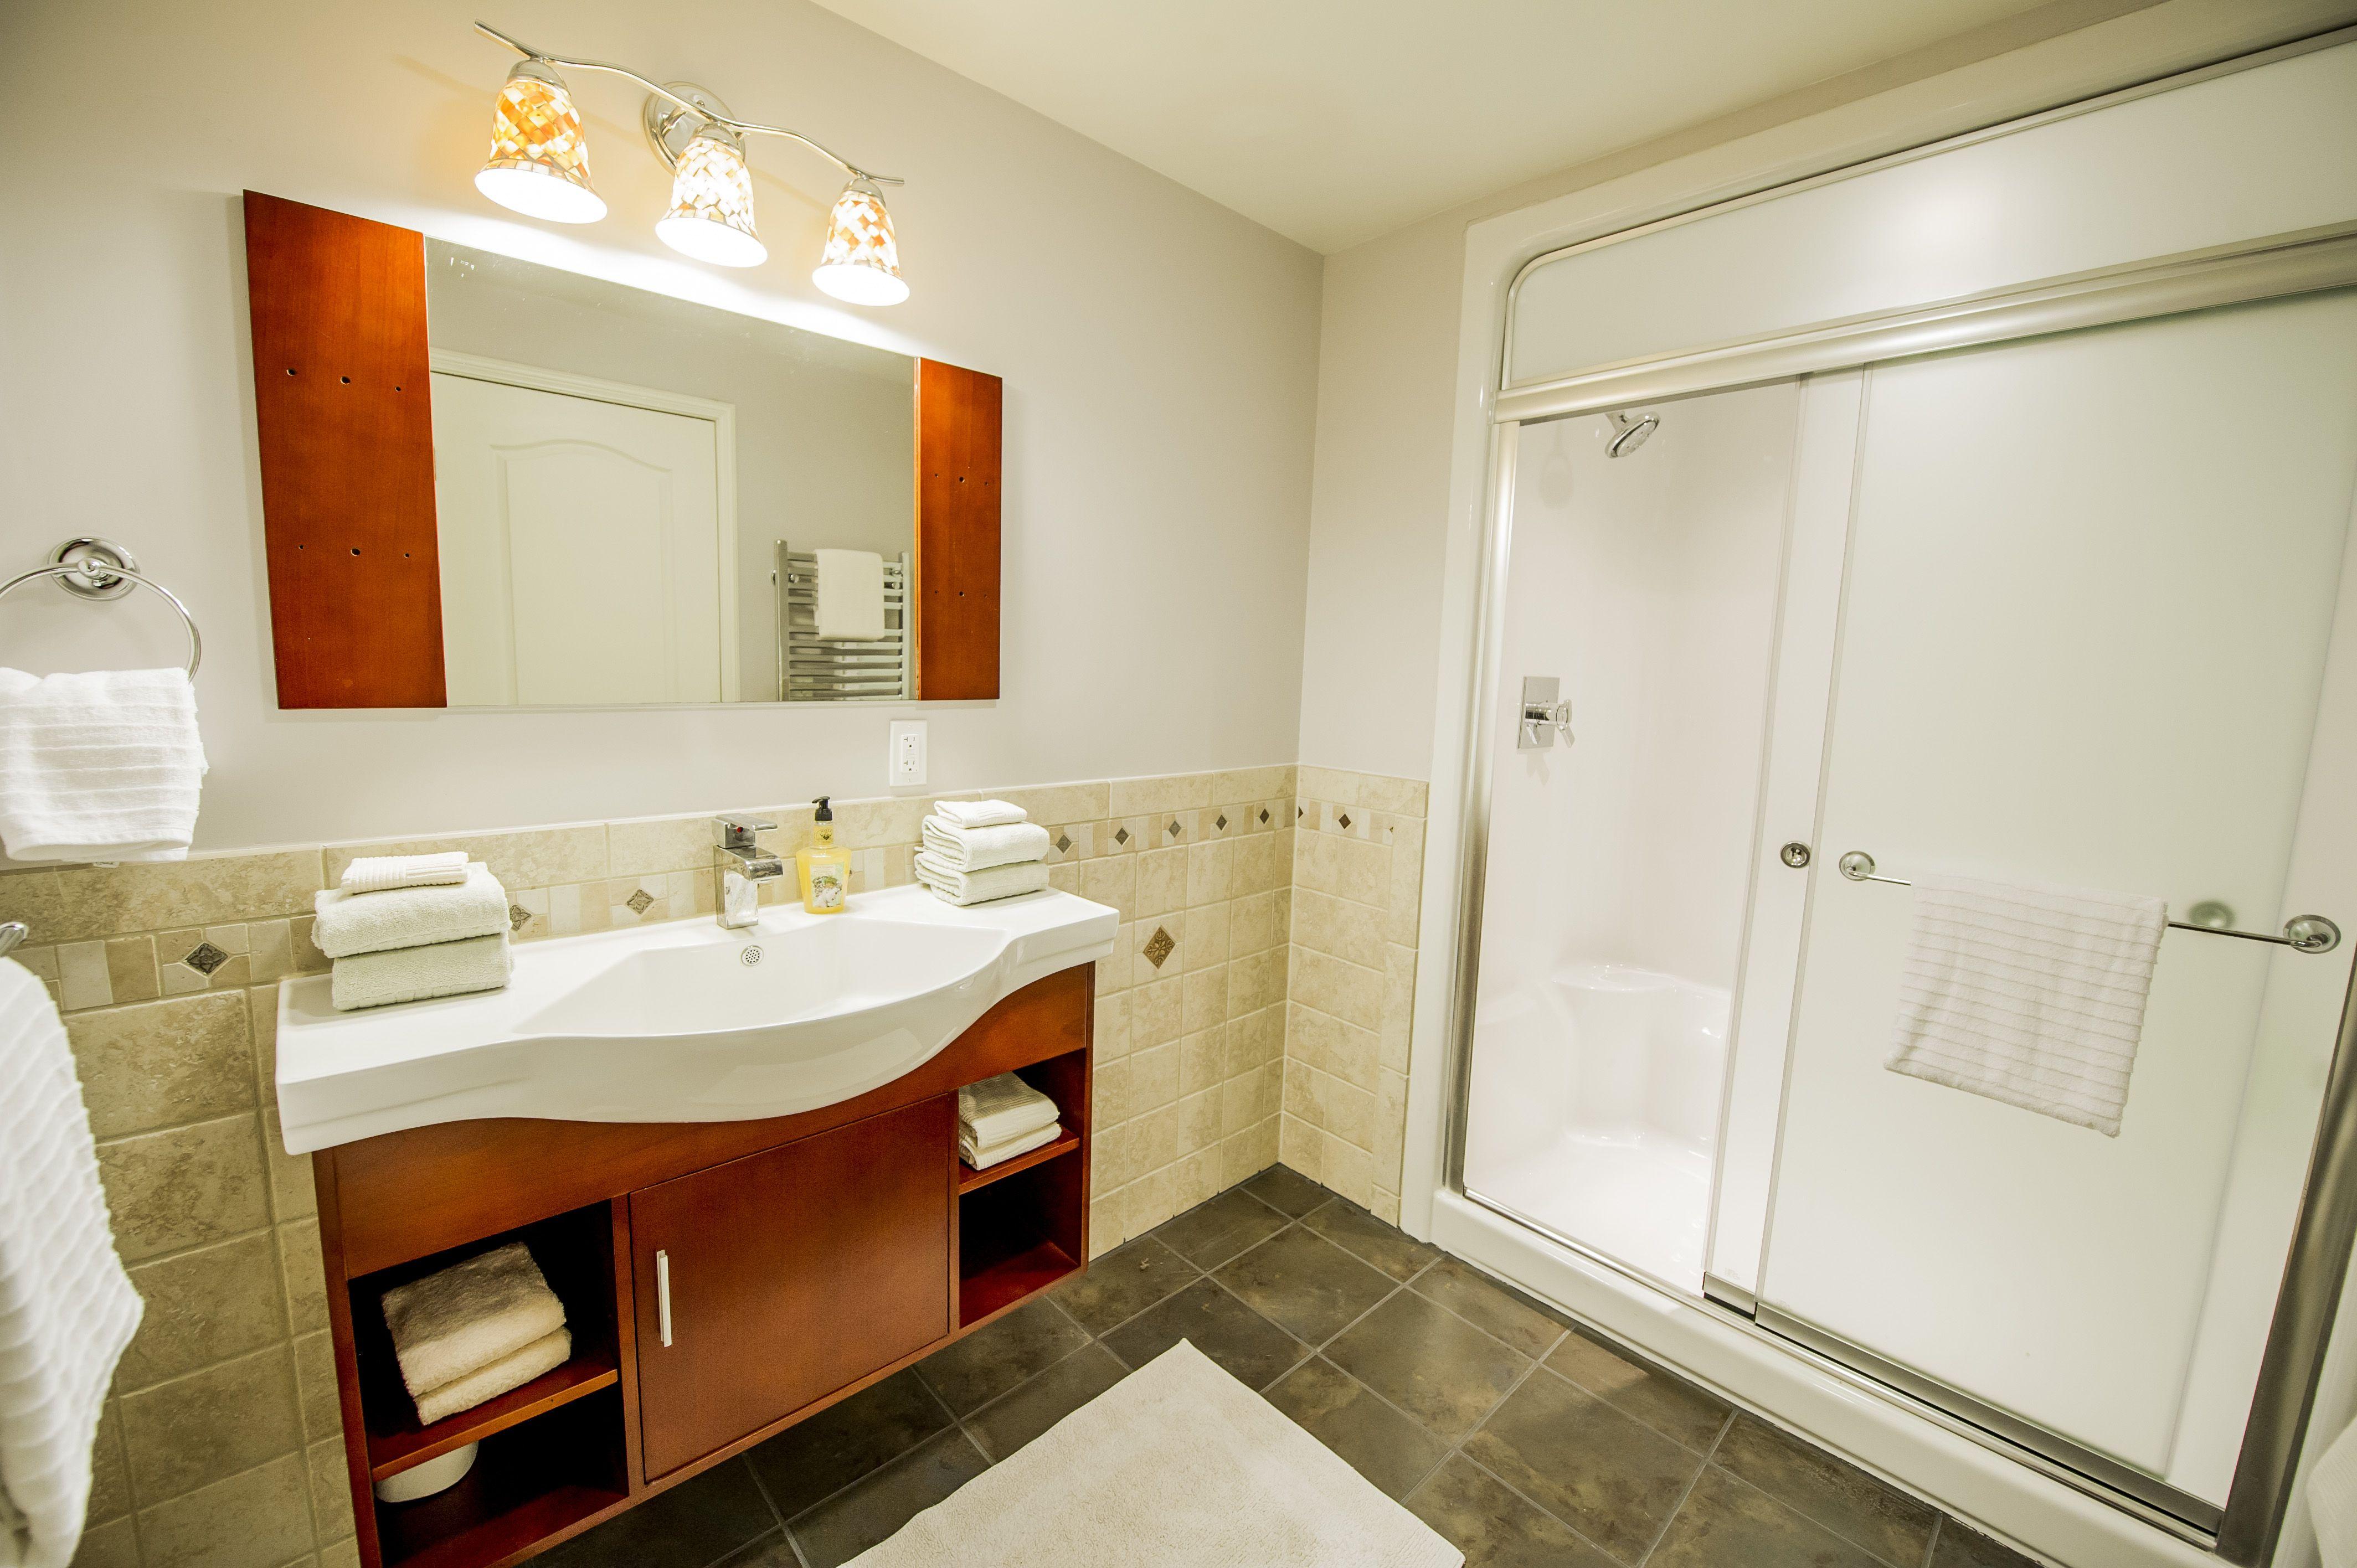 Komplettes Badezimmer Renovierung Badezimmer Renovierungen Badezimmer Komplett Kleine Badezimmer Design